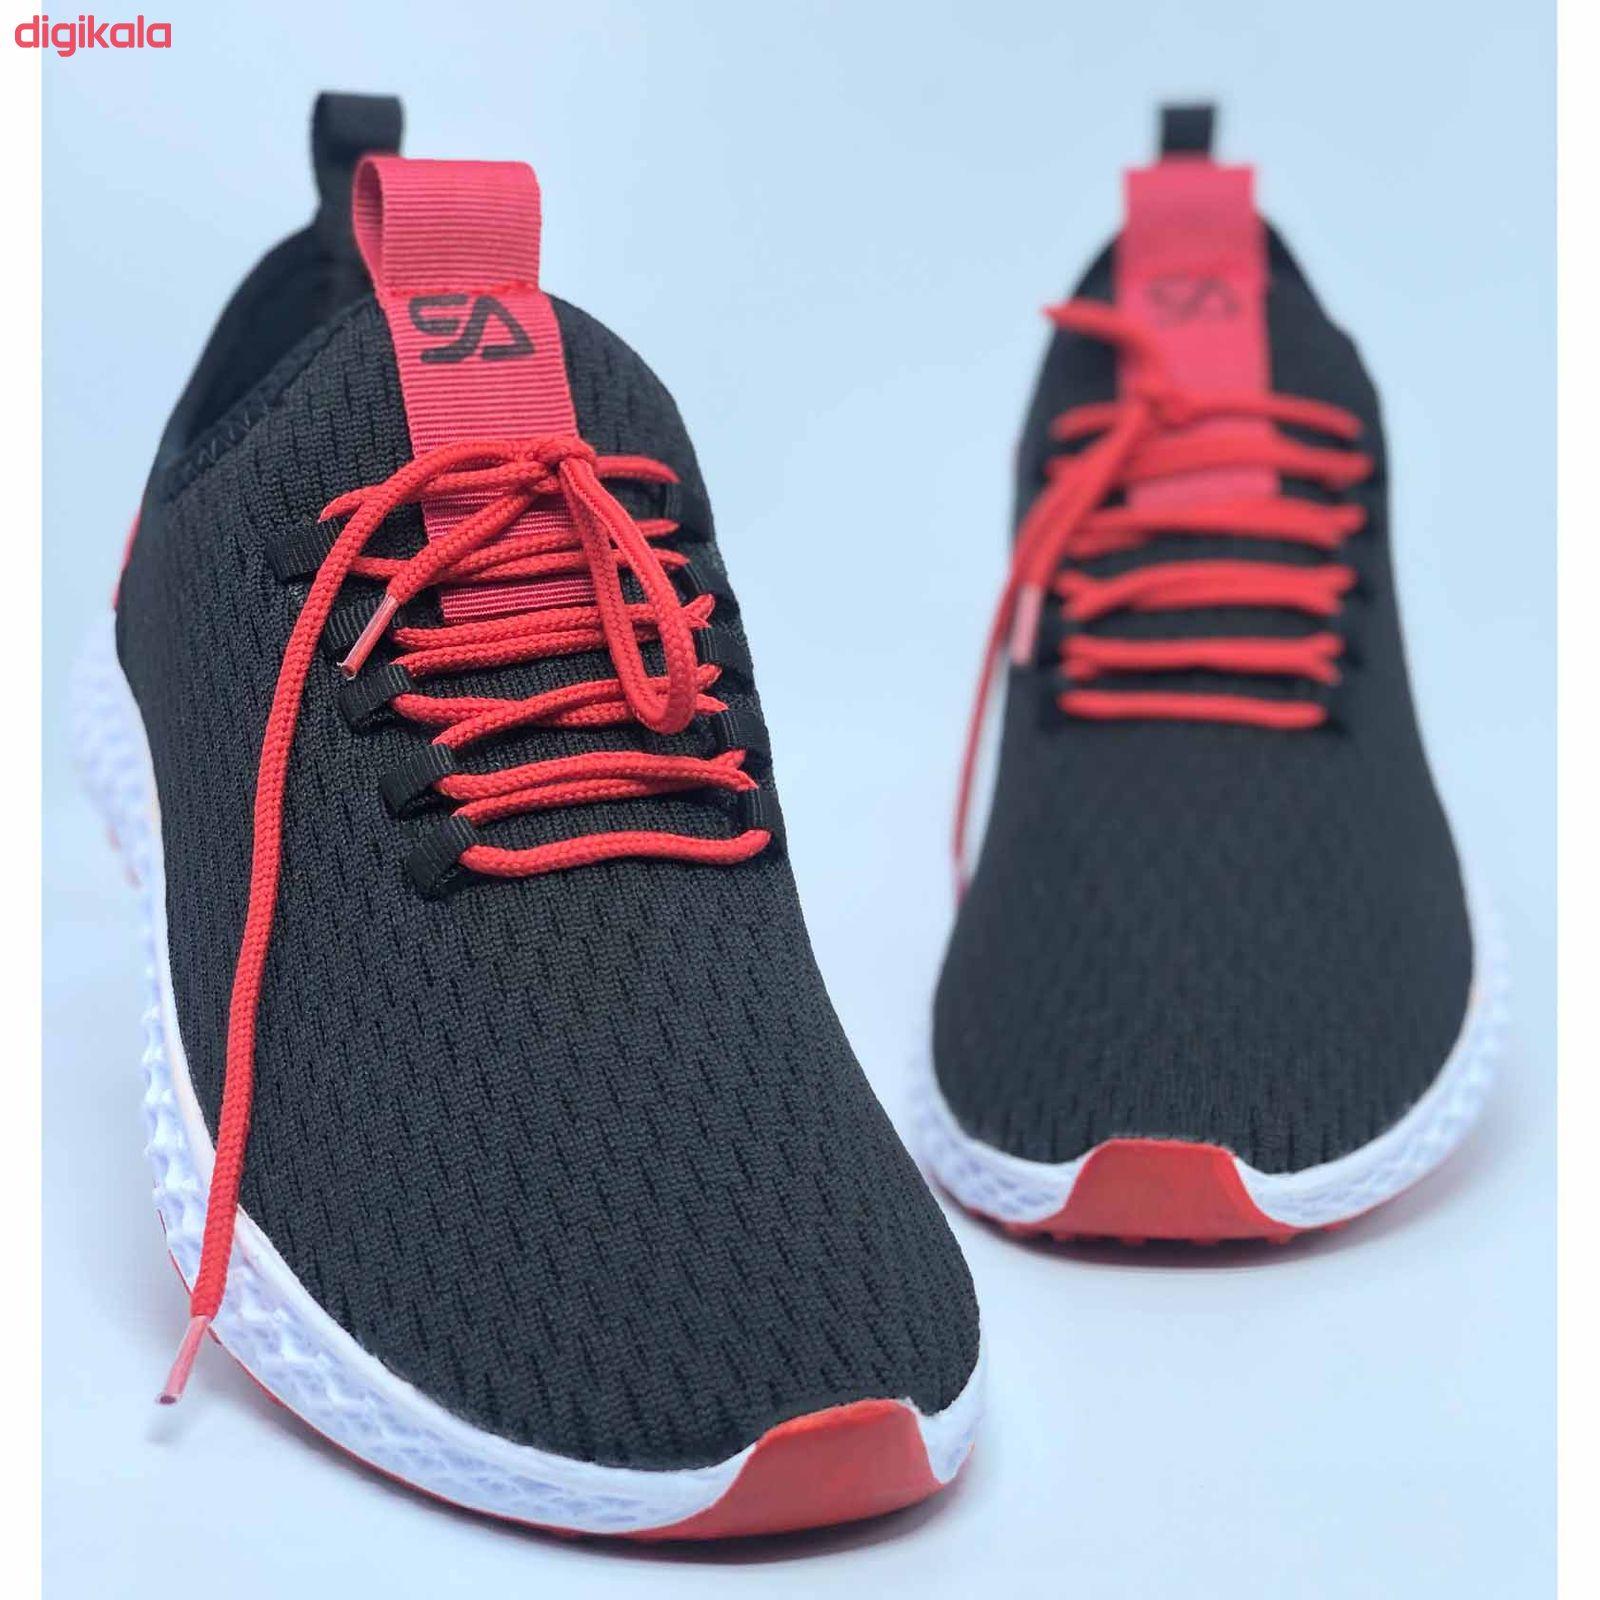 کفش مخصوص پیاده روی سعیدی کد Sa 303 main 1 4